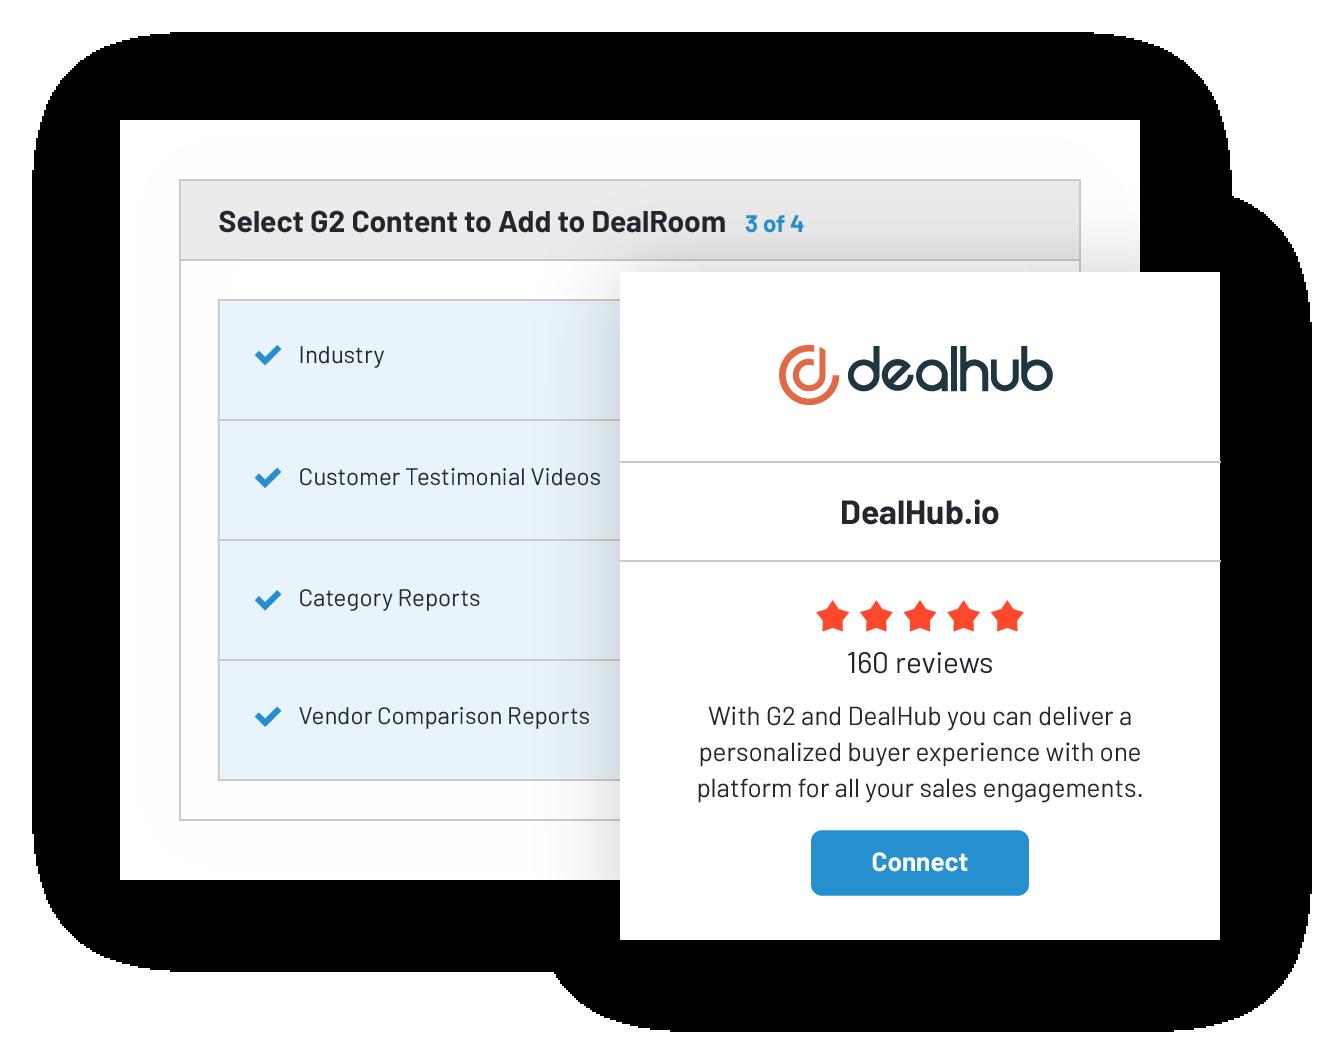 g2-integrations-for-deal-influence-screenshot-dealhub@2x